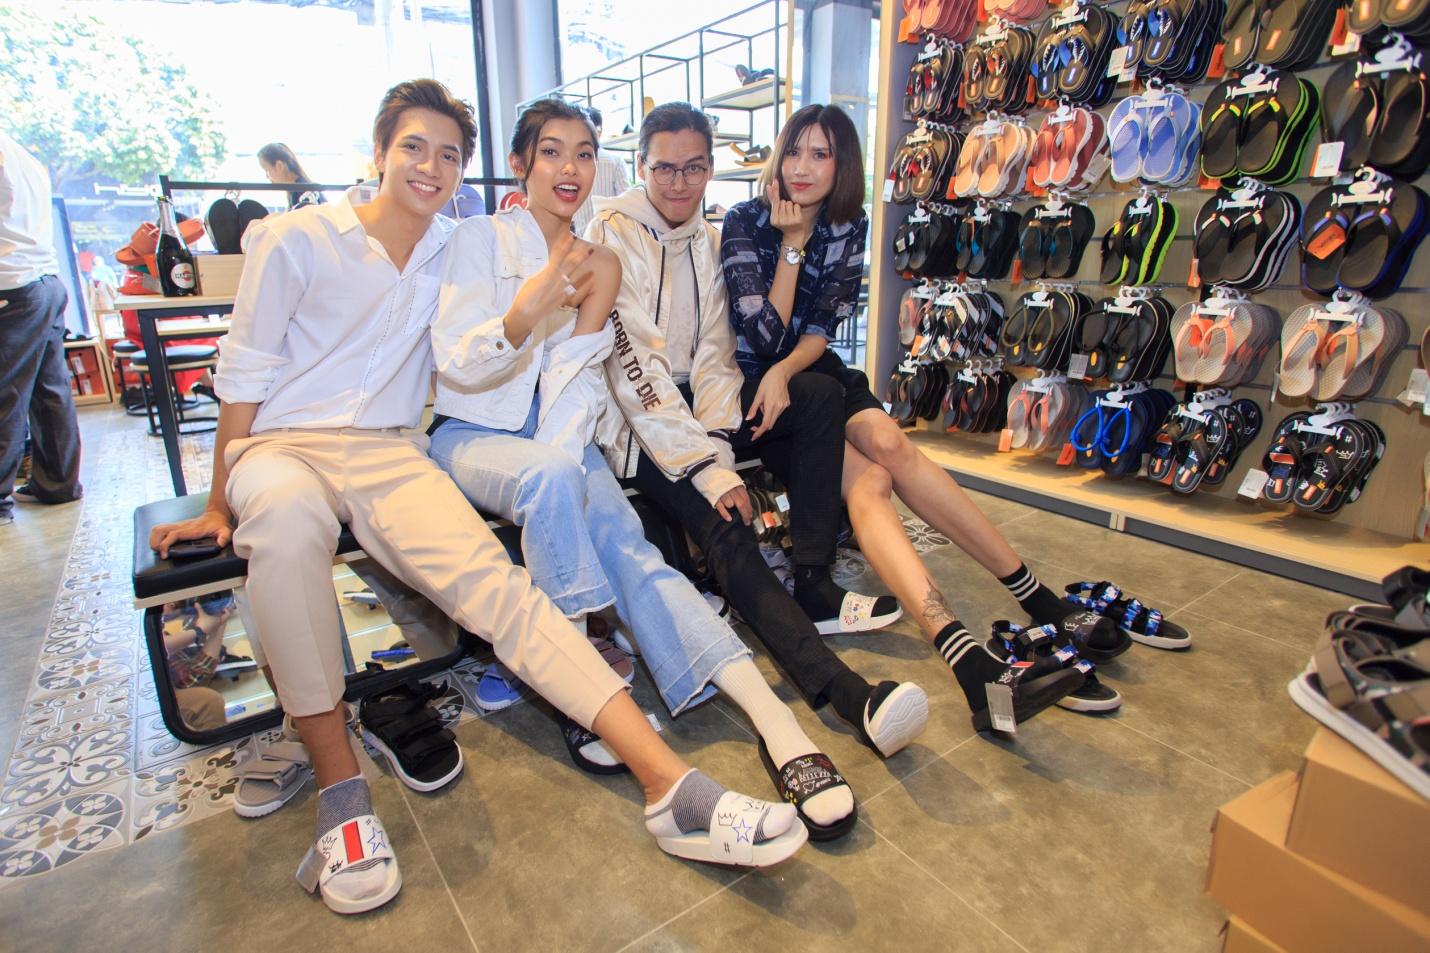 Không có người nổi tiếng làm đại diện, thương hiệu giày dép VENTO vẫn được giới trẻ săn lùng - Ảnh 1.